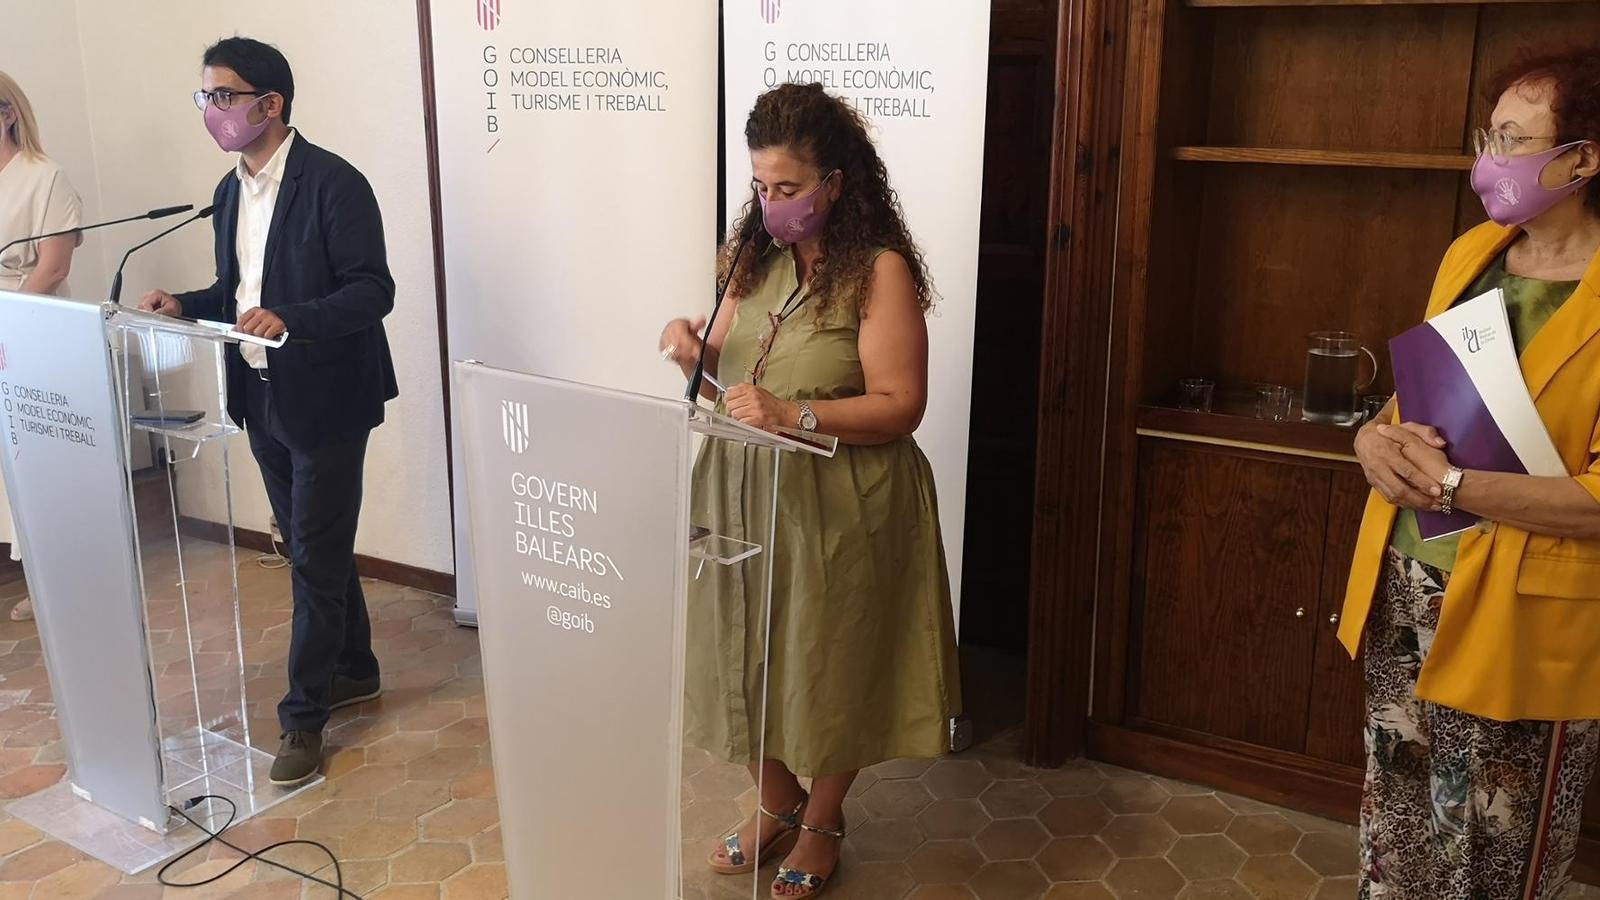 Els consellers Iago Negueruela i Pilar Costa han presentat la convocatòria.